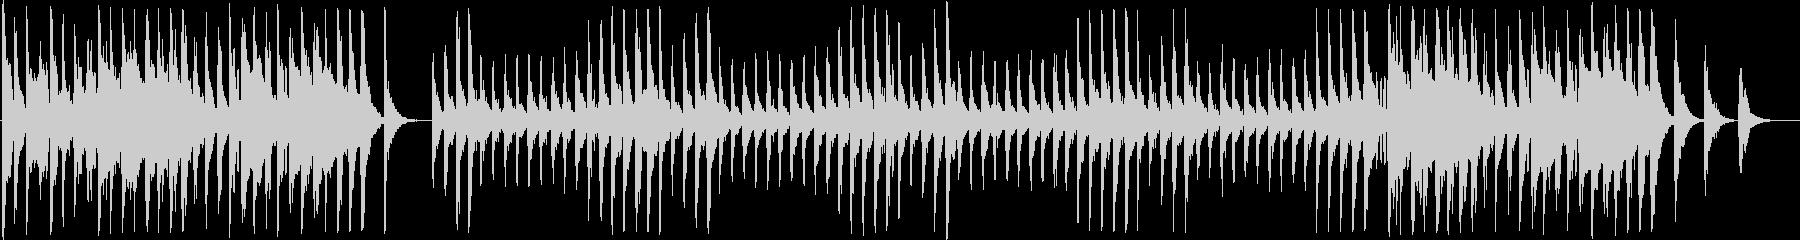 ストーリー系のインフォメーション曲の未再生の波形